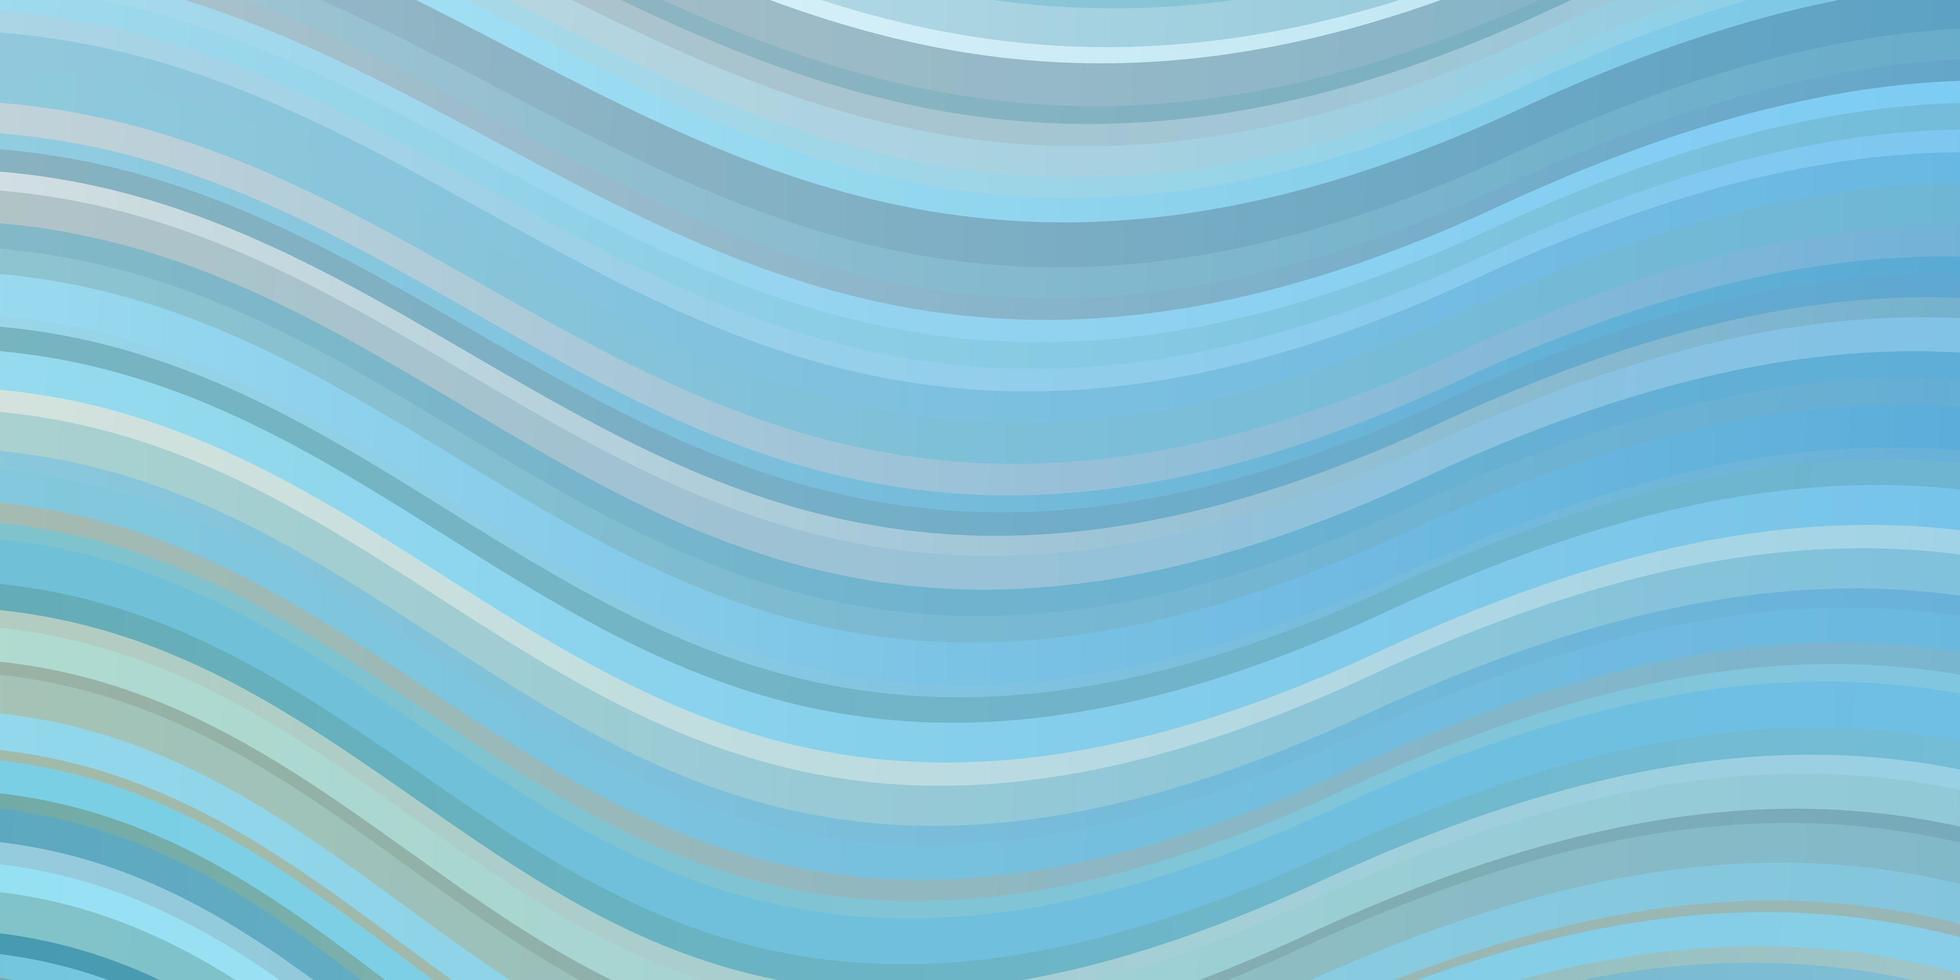 textura de vector azul claro, verde con líneas torcidas.